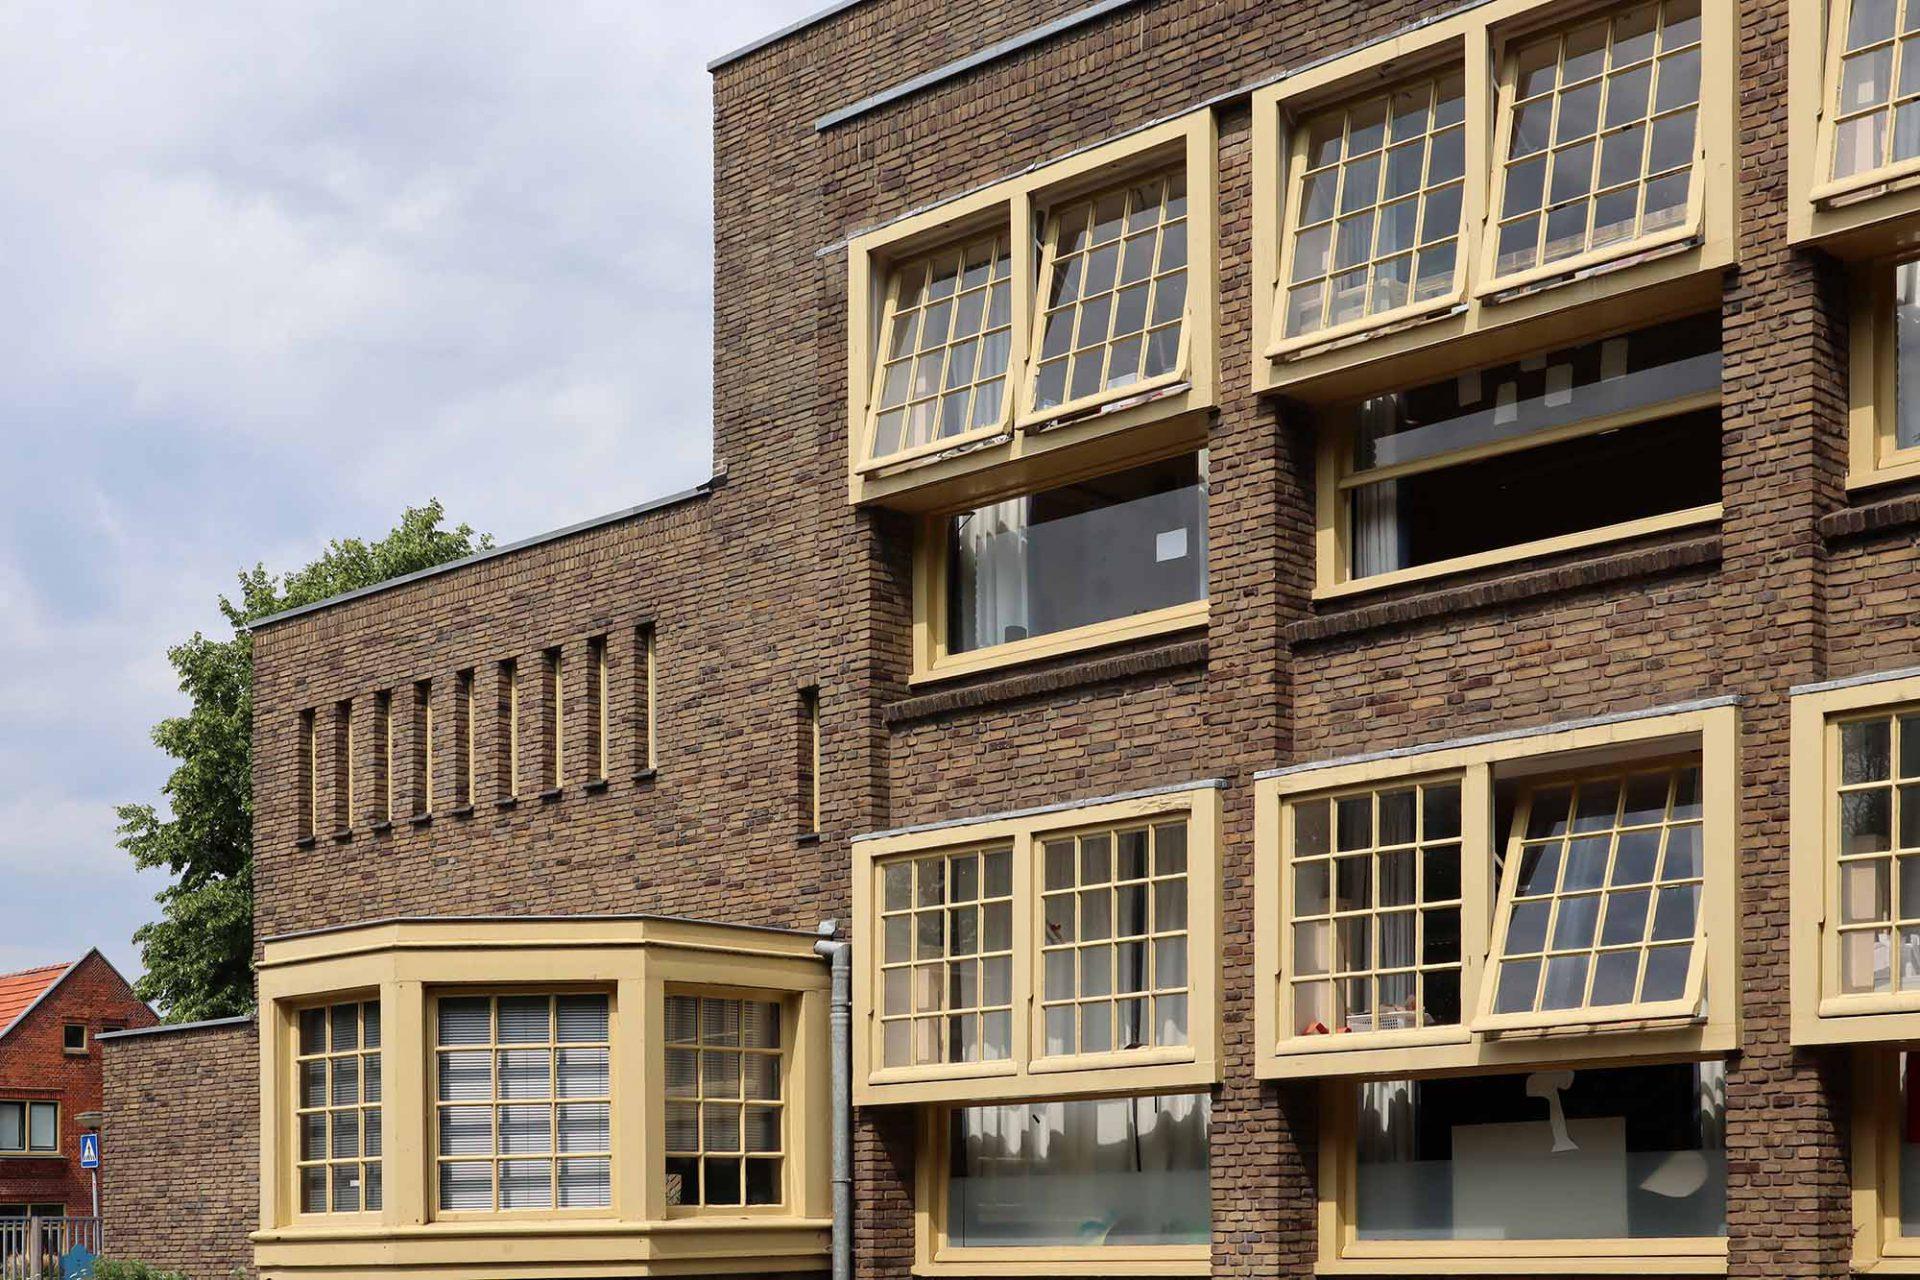 S. J. Boumaschool. Mit den typischen Treppenfenstern …